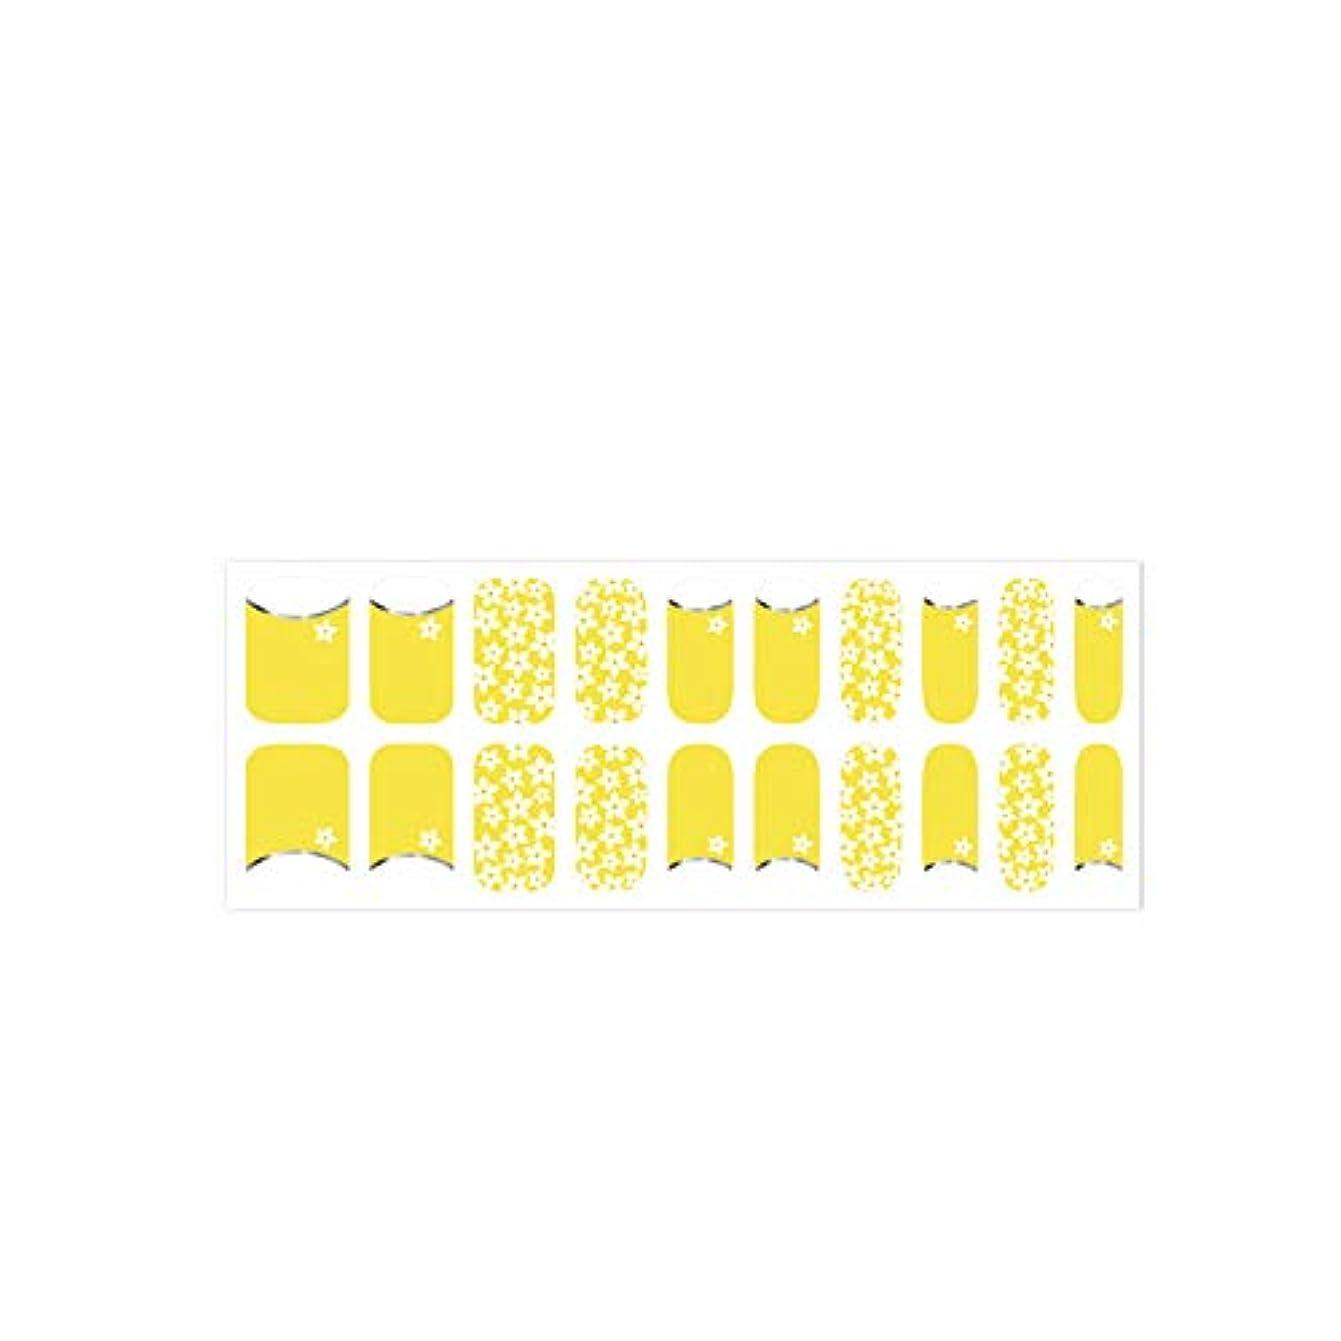 調べるオフ熟読する爪に貼るだけで華やかになるネイルシート! 簡単セルフネイル ジェルネイル 20pcs ネイルシール ジェルネイルシール デコネイルシール VAVACOCO ペディキュア ハーフ かわいい 韓国 シンプル フルカバー ネイルパーツ...